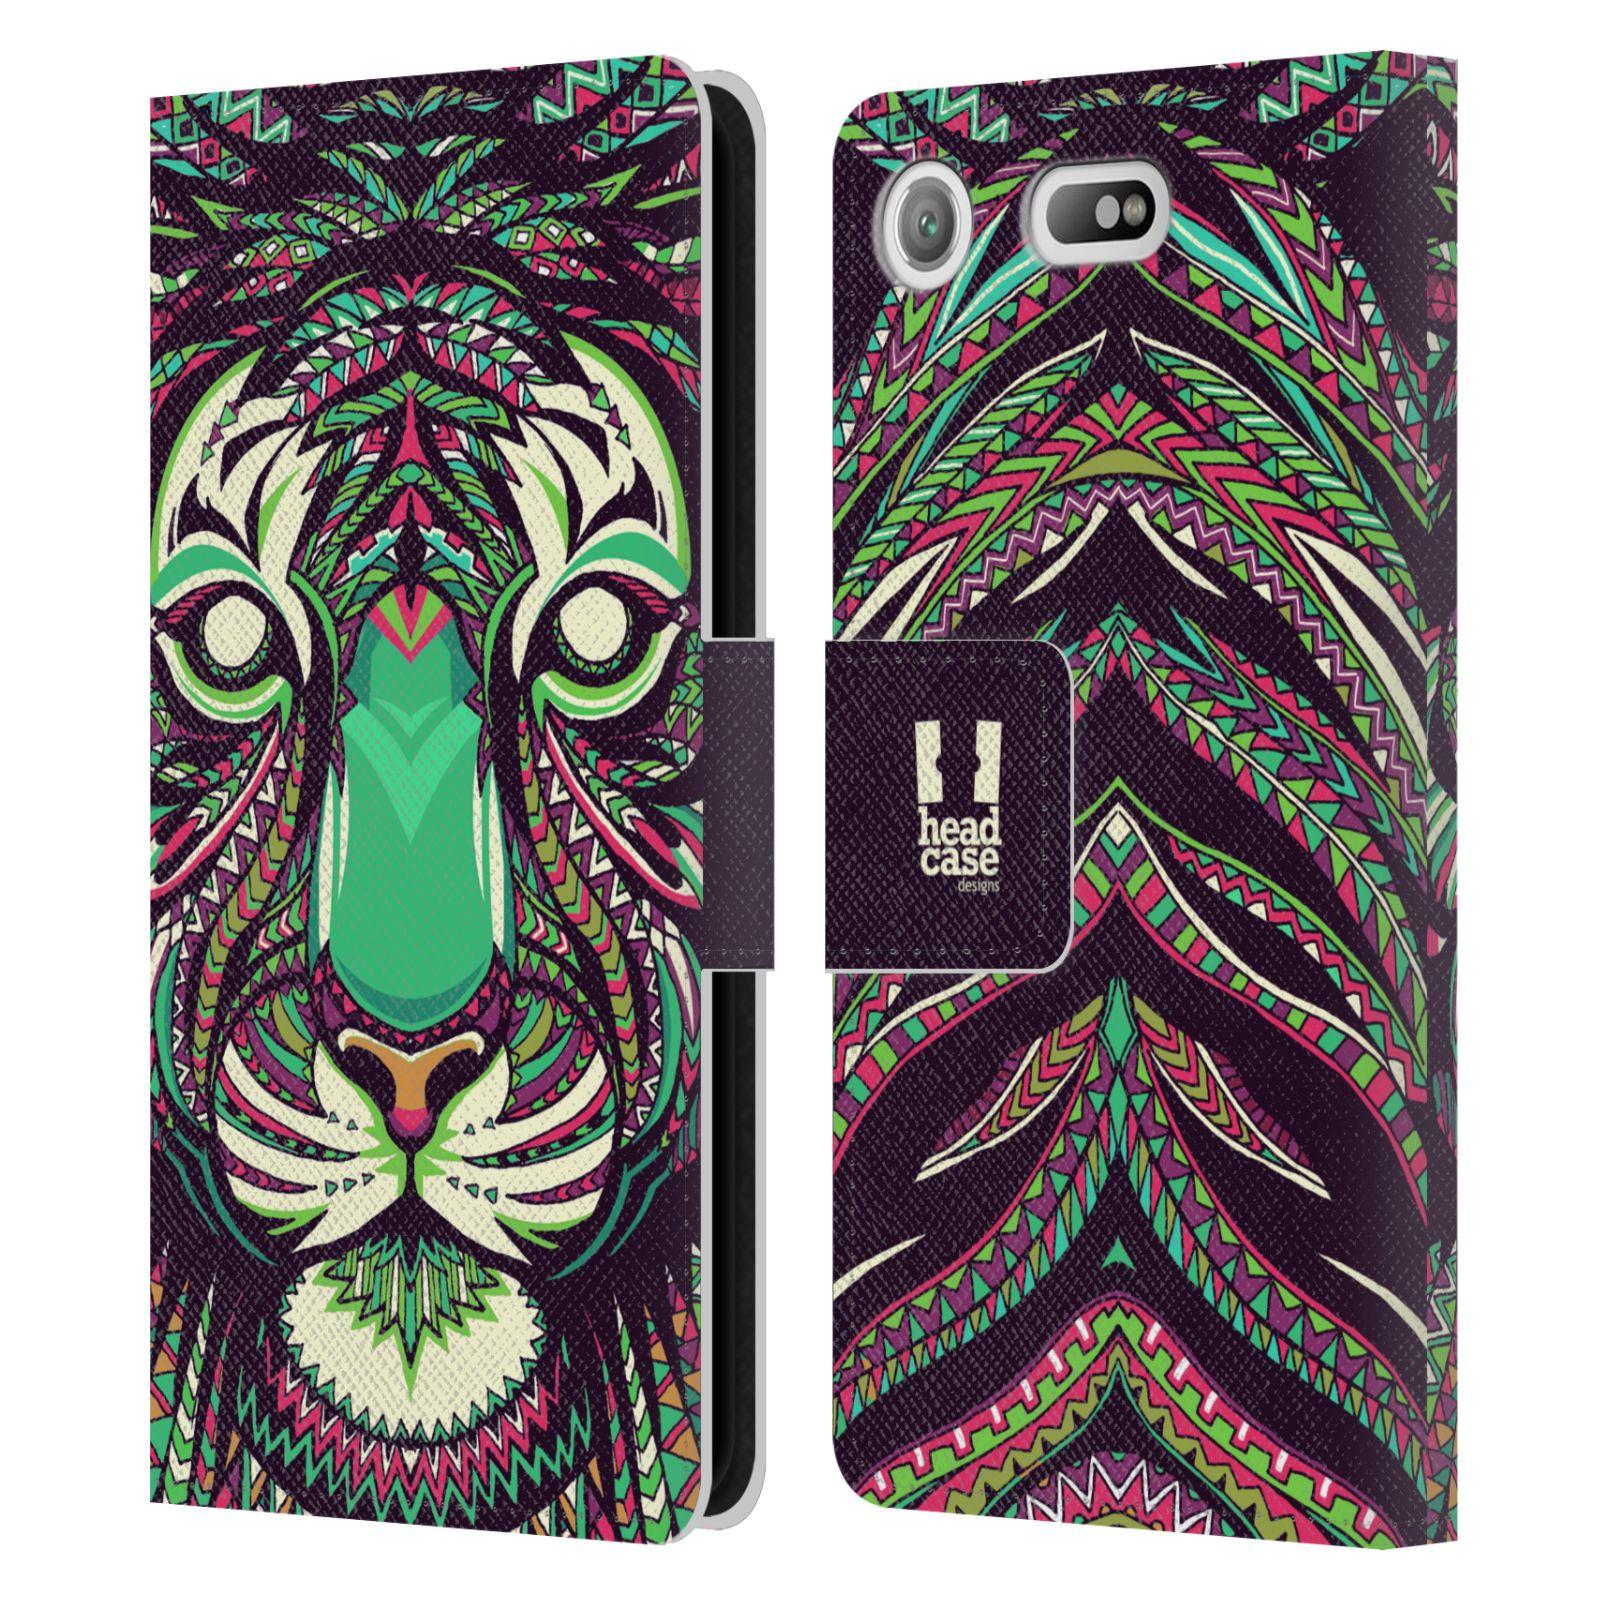 Pouzdro na mobil Sony Xperia XZ1 Compact - Head Case - Aztécký vzor tygr